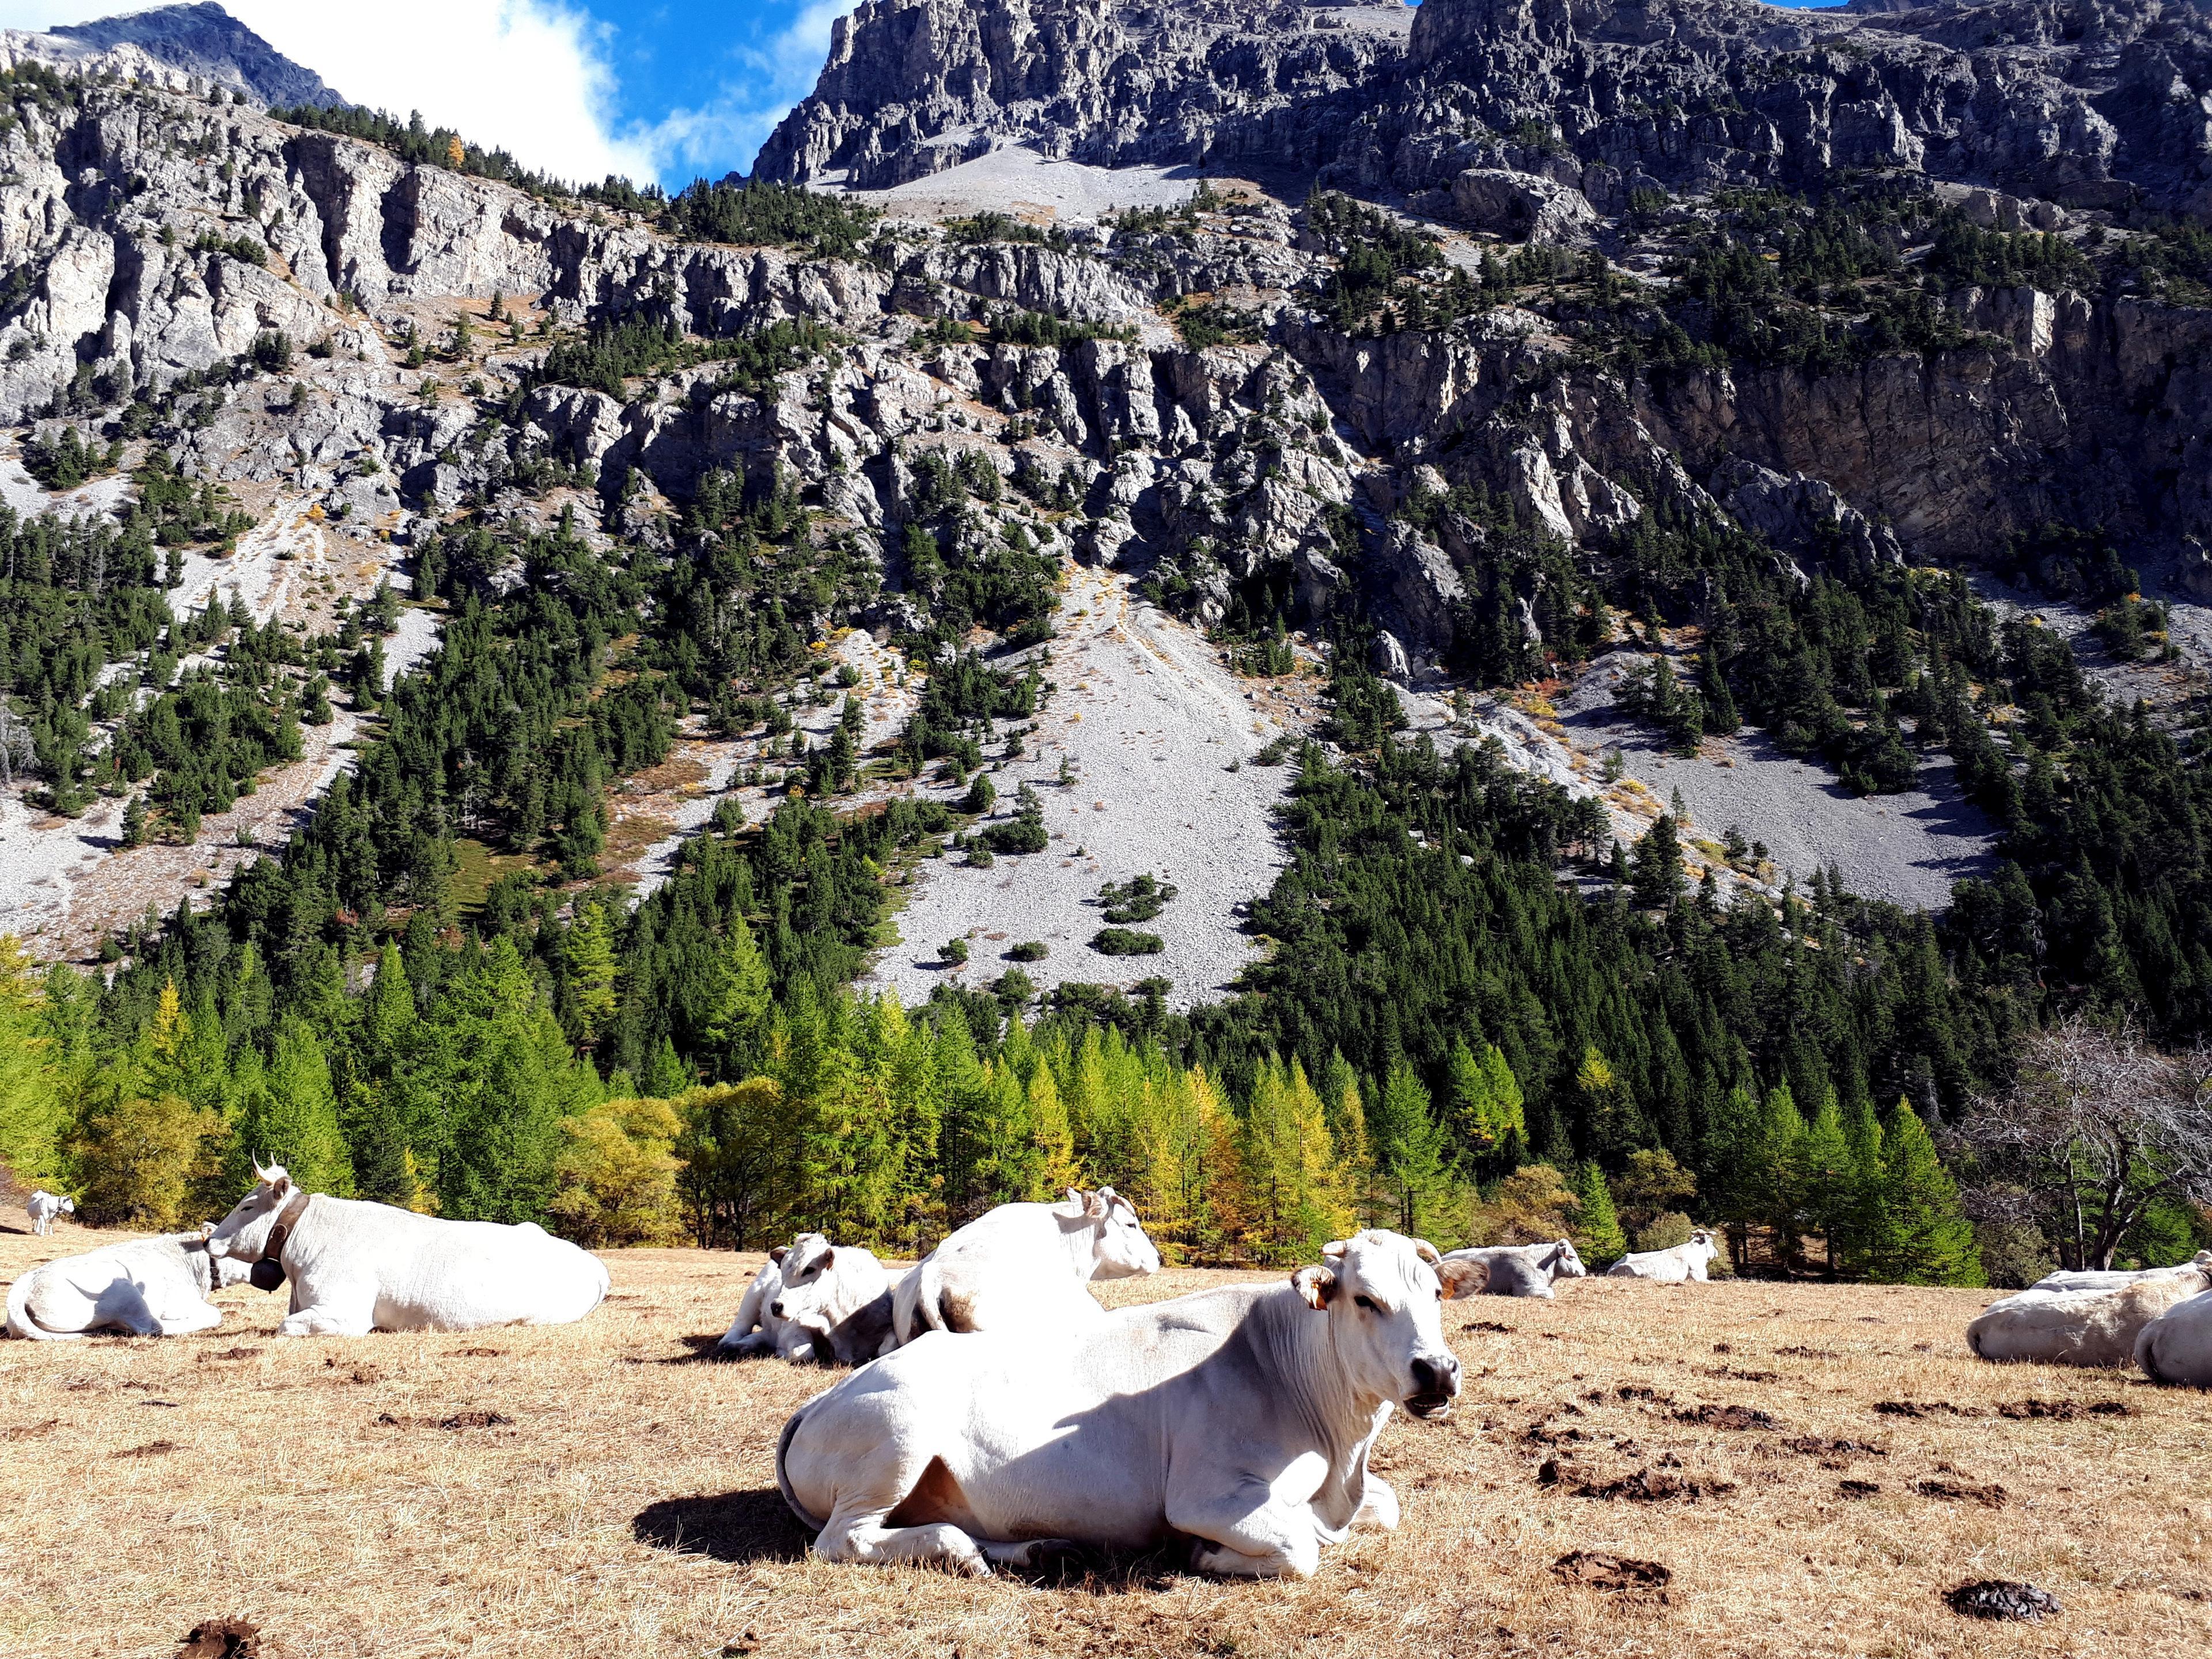 Al pascolo qui in valle ci sono queste bellissime fassone piemontesi, tutte grandi e muscolose